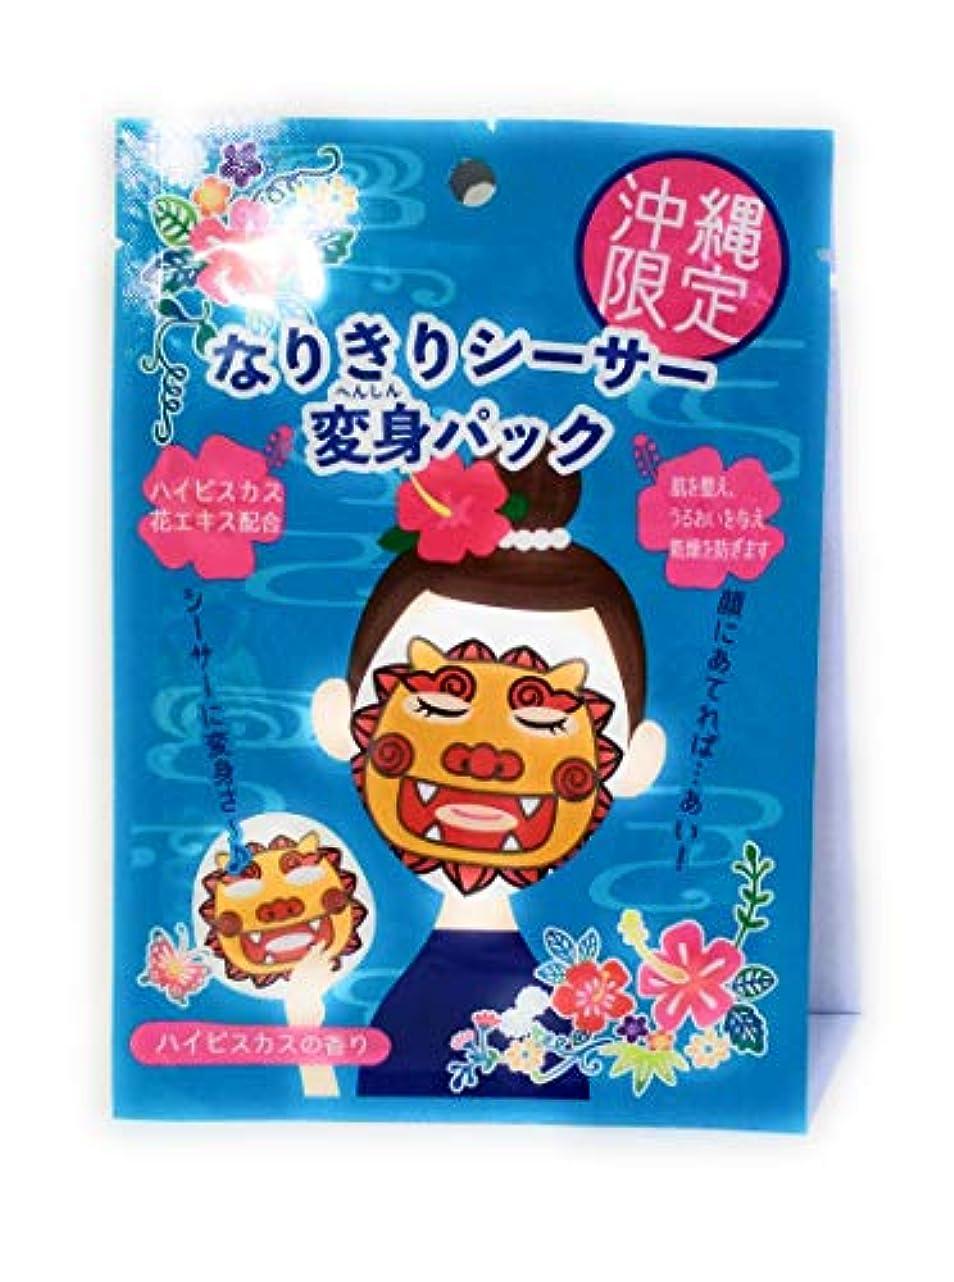 地球キャラクターくすぐったい沖縄限定 なりきりシーサー変身パック ハイビスカスの香り